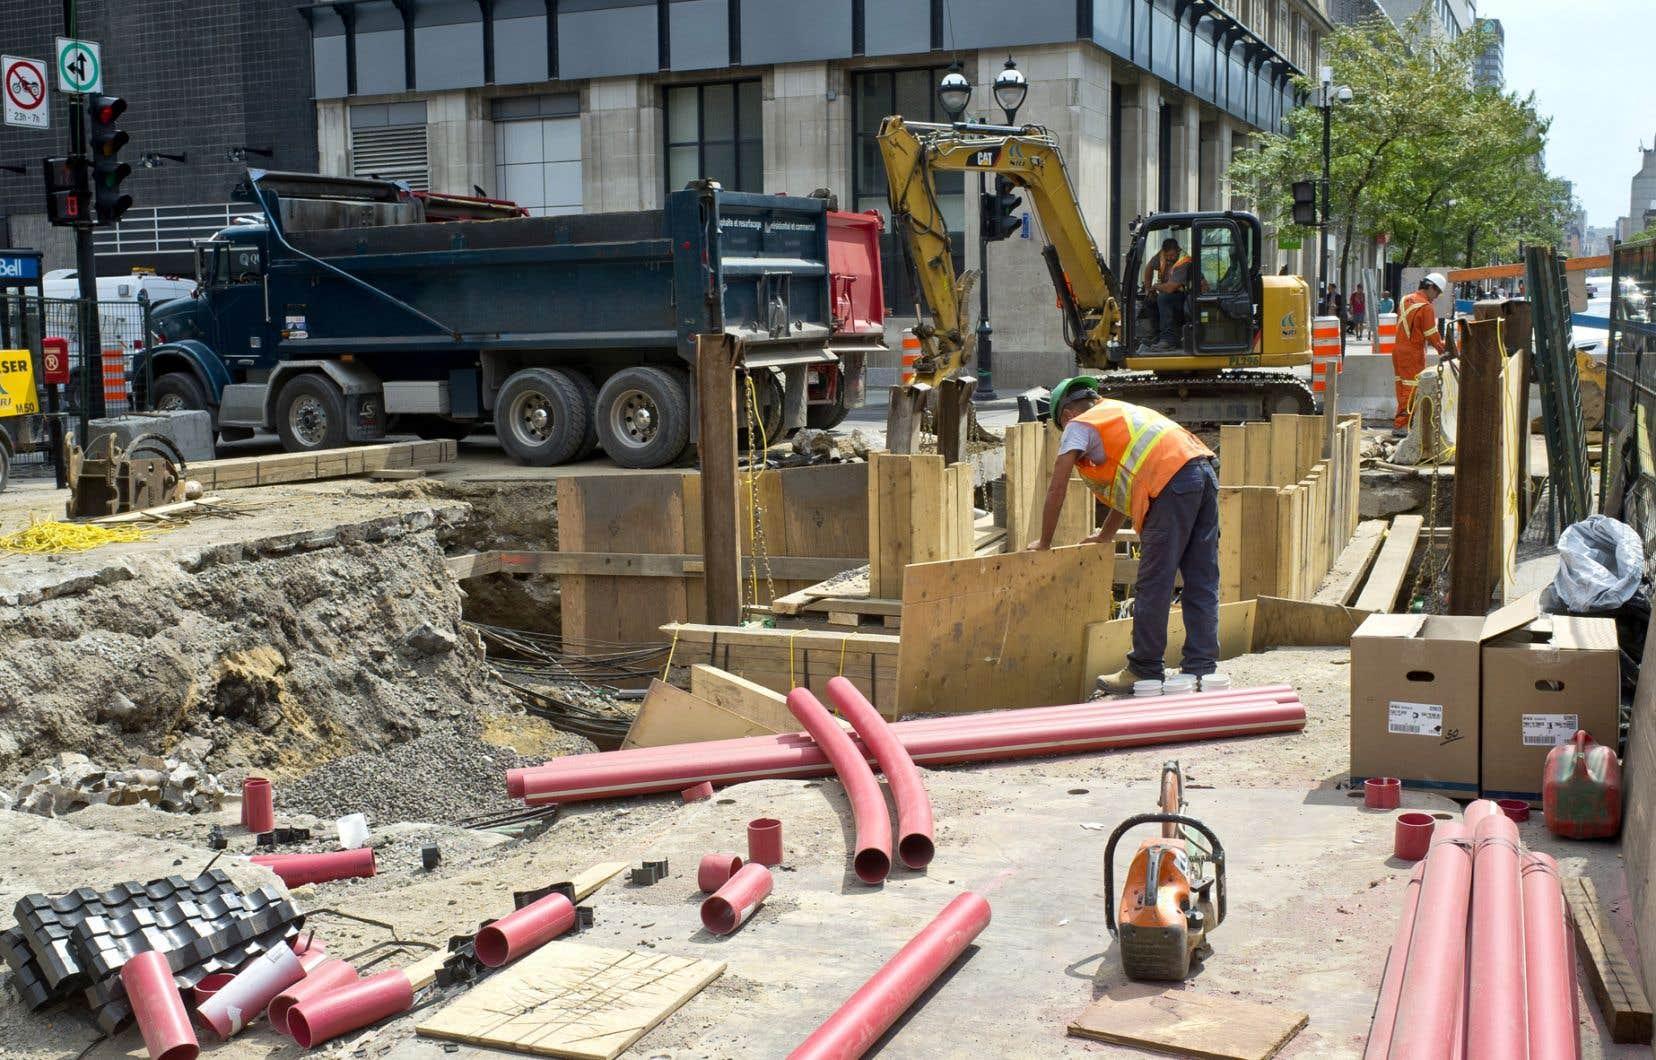 L'état actuel du marché de la construction est saturé, en raison des nombreux chantiers déjà existants à Montréal.